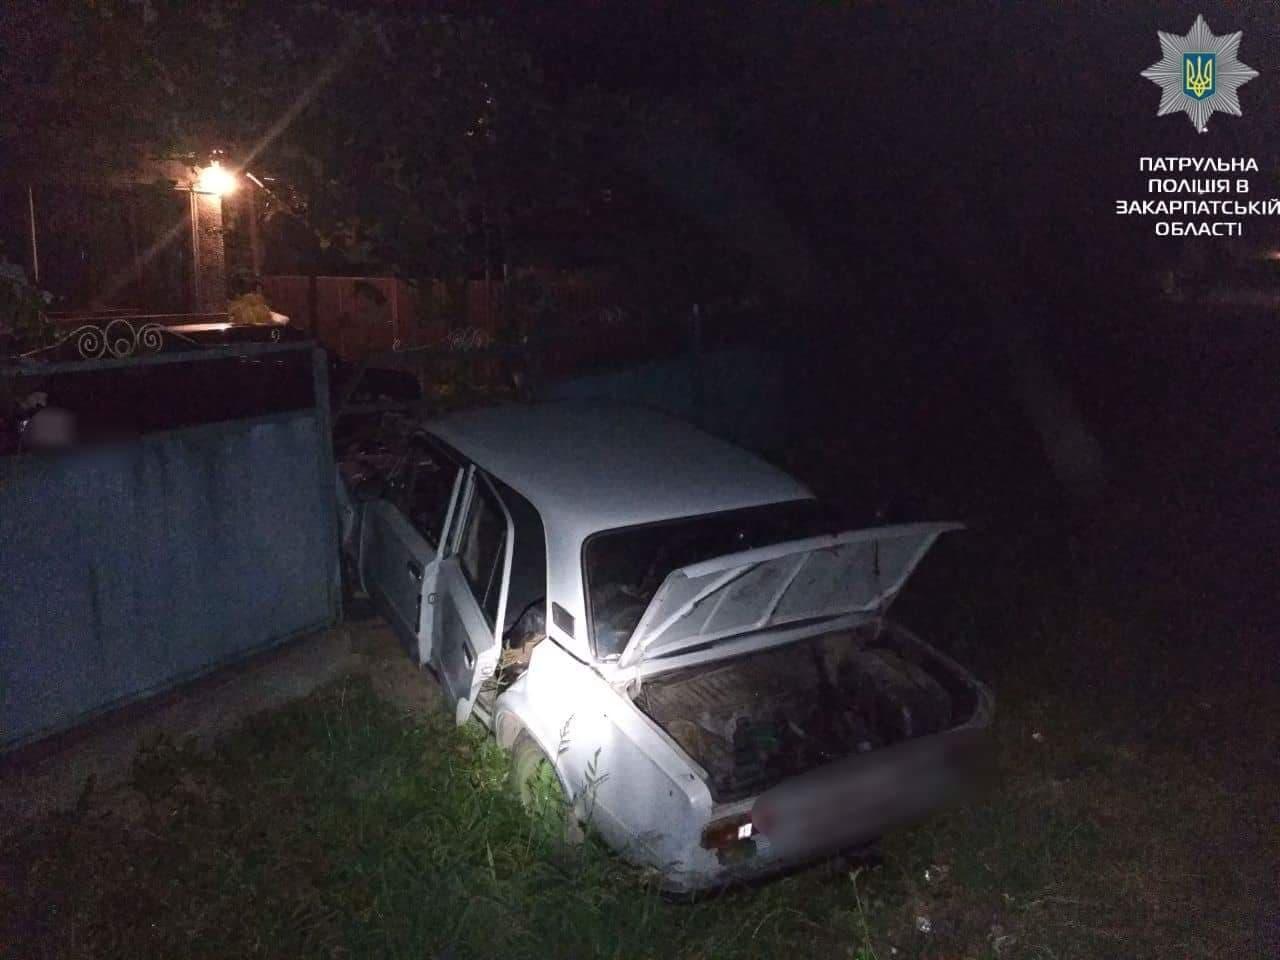 Нічна ДТП: авто з'їхало з дороги і влетіло в огорожу